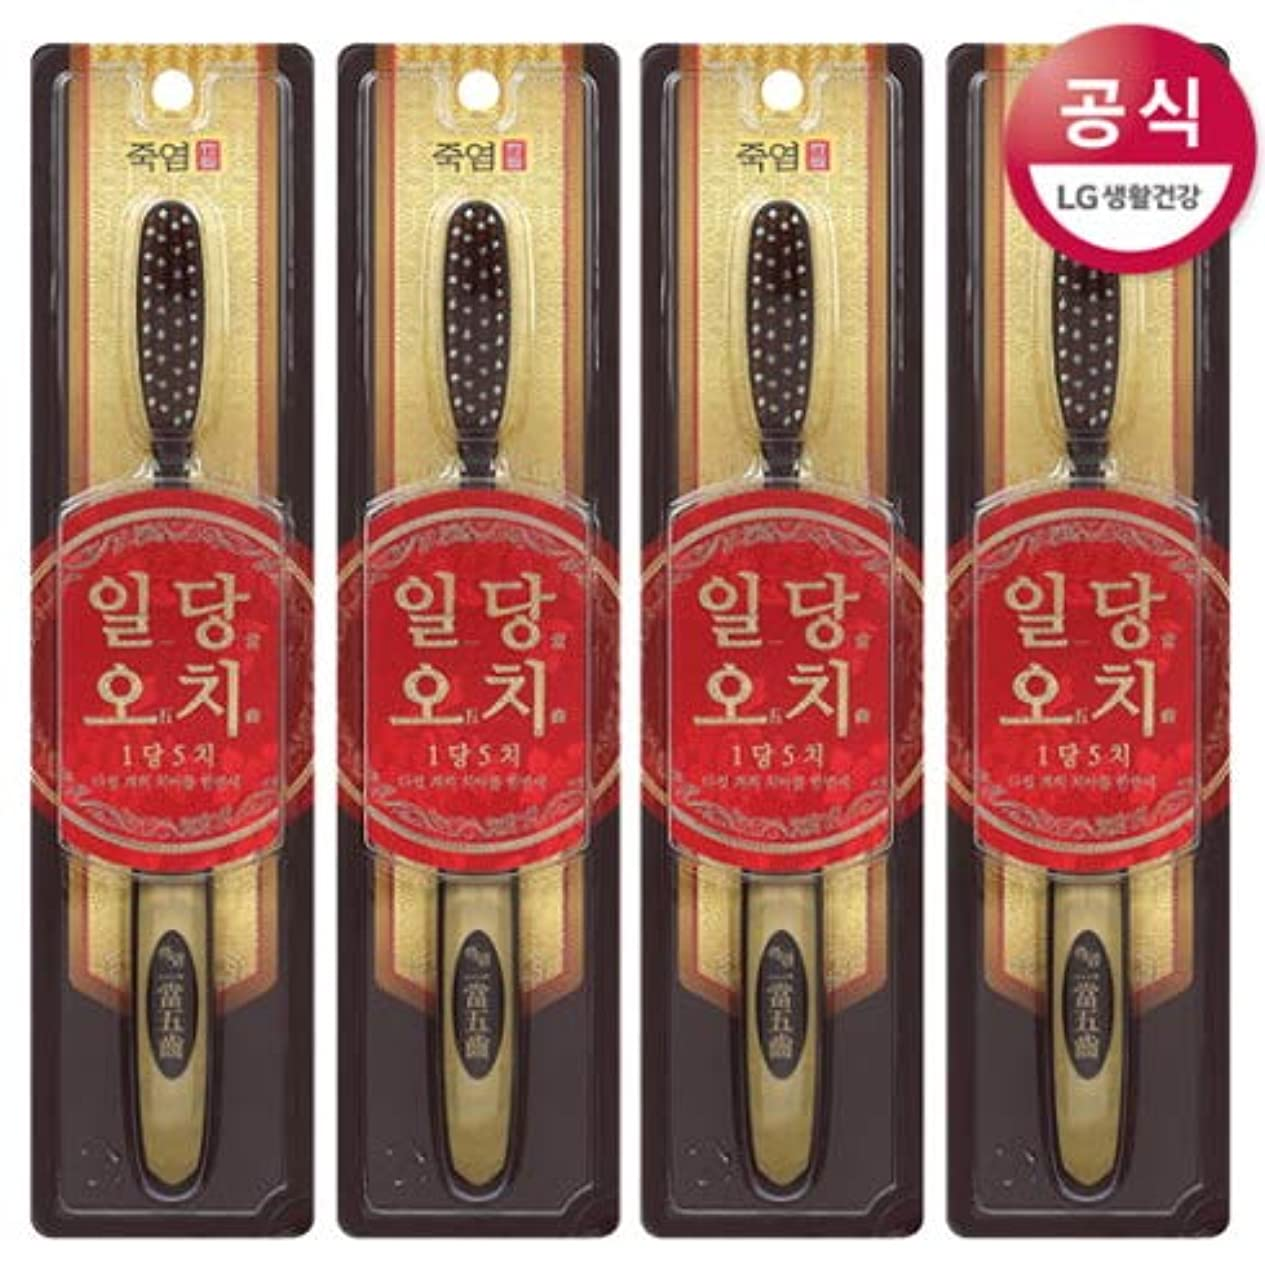 確立バルブ相互[LG HnB] Bamboo Salt Oodi toothbrush/竹塩日当越智歯ブラシ 5つの(海外直送品)